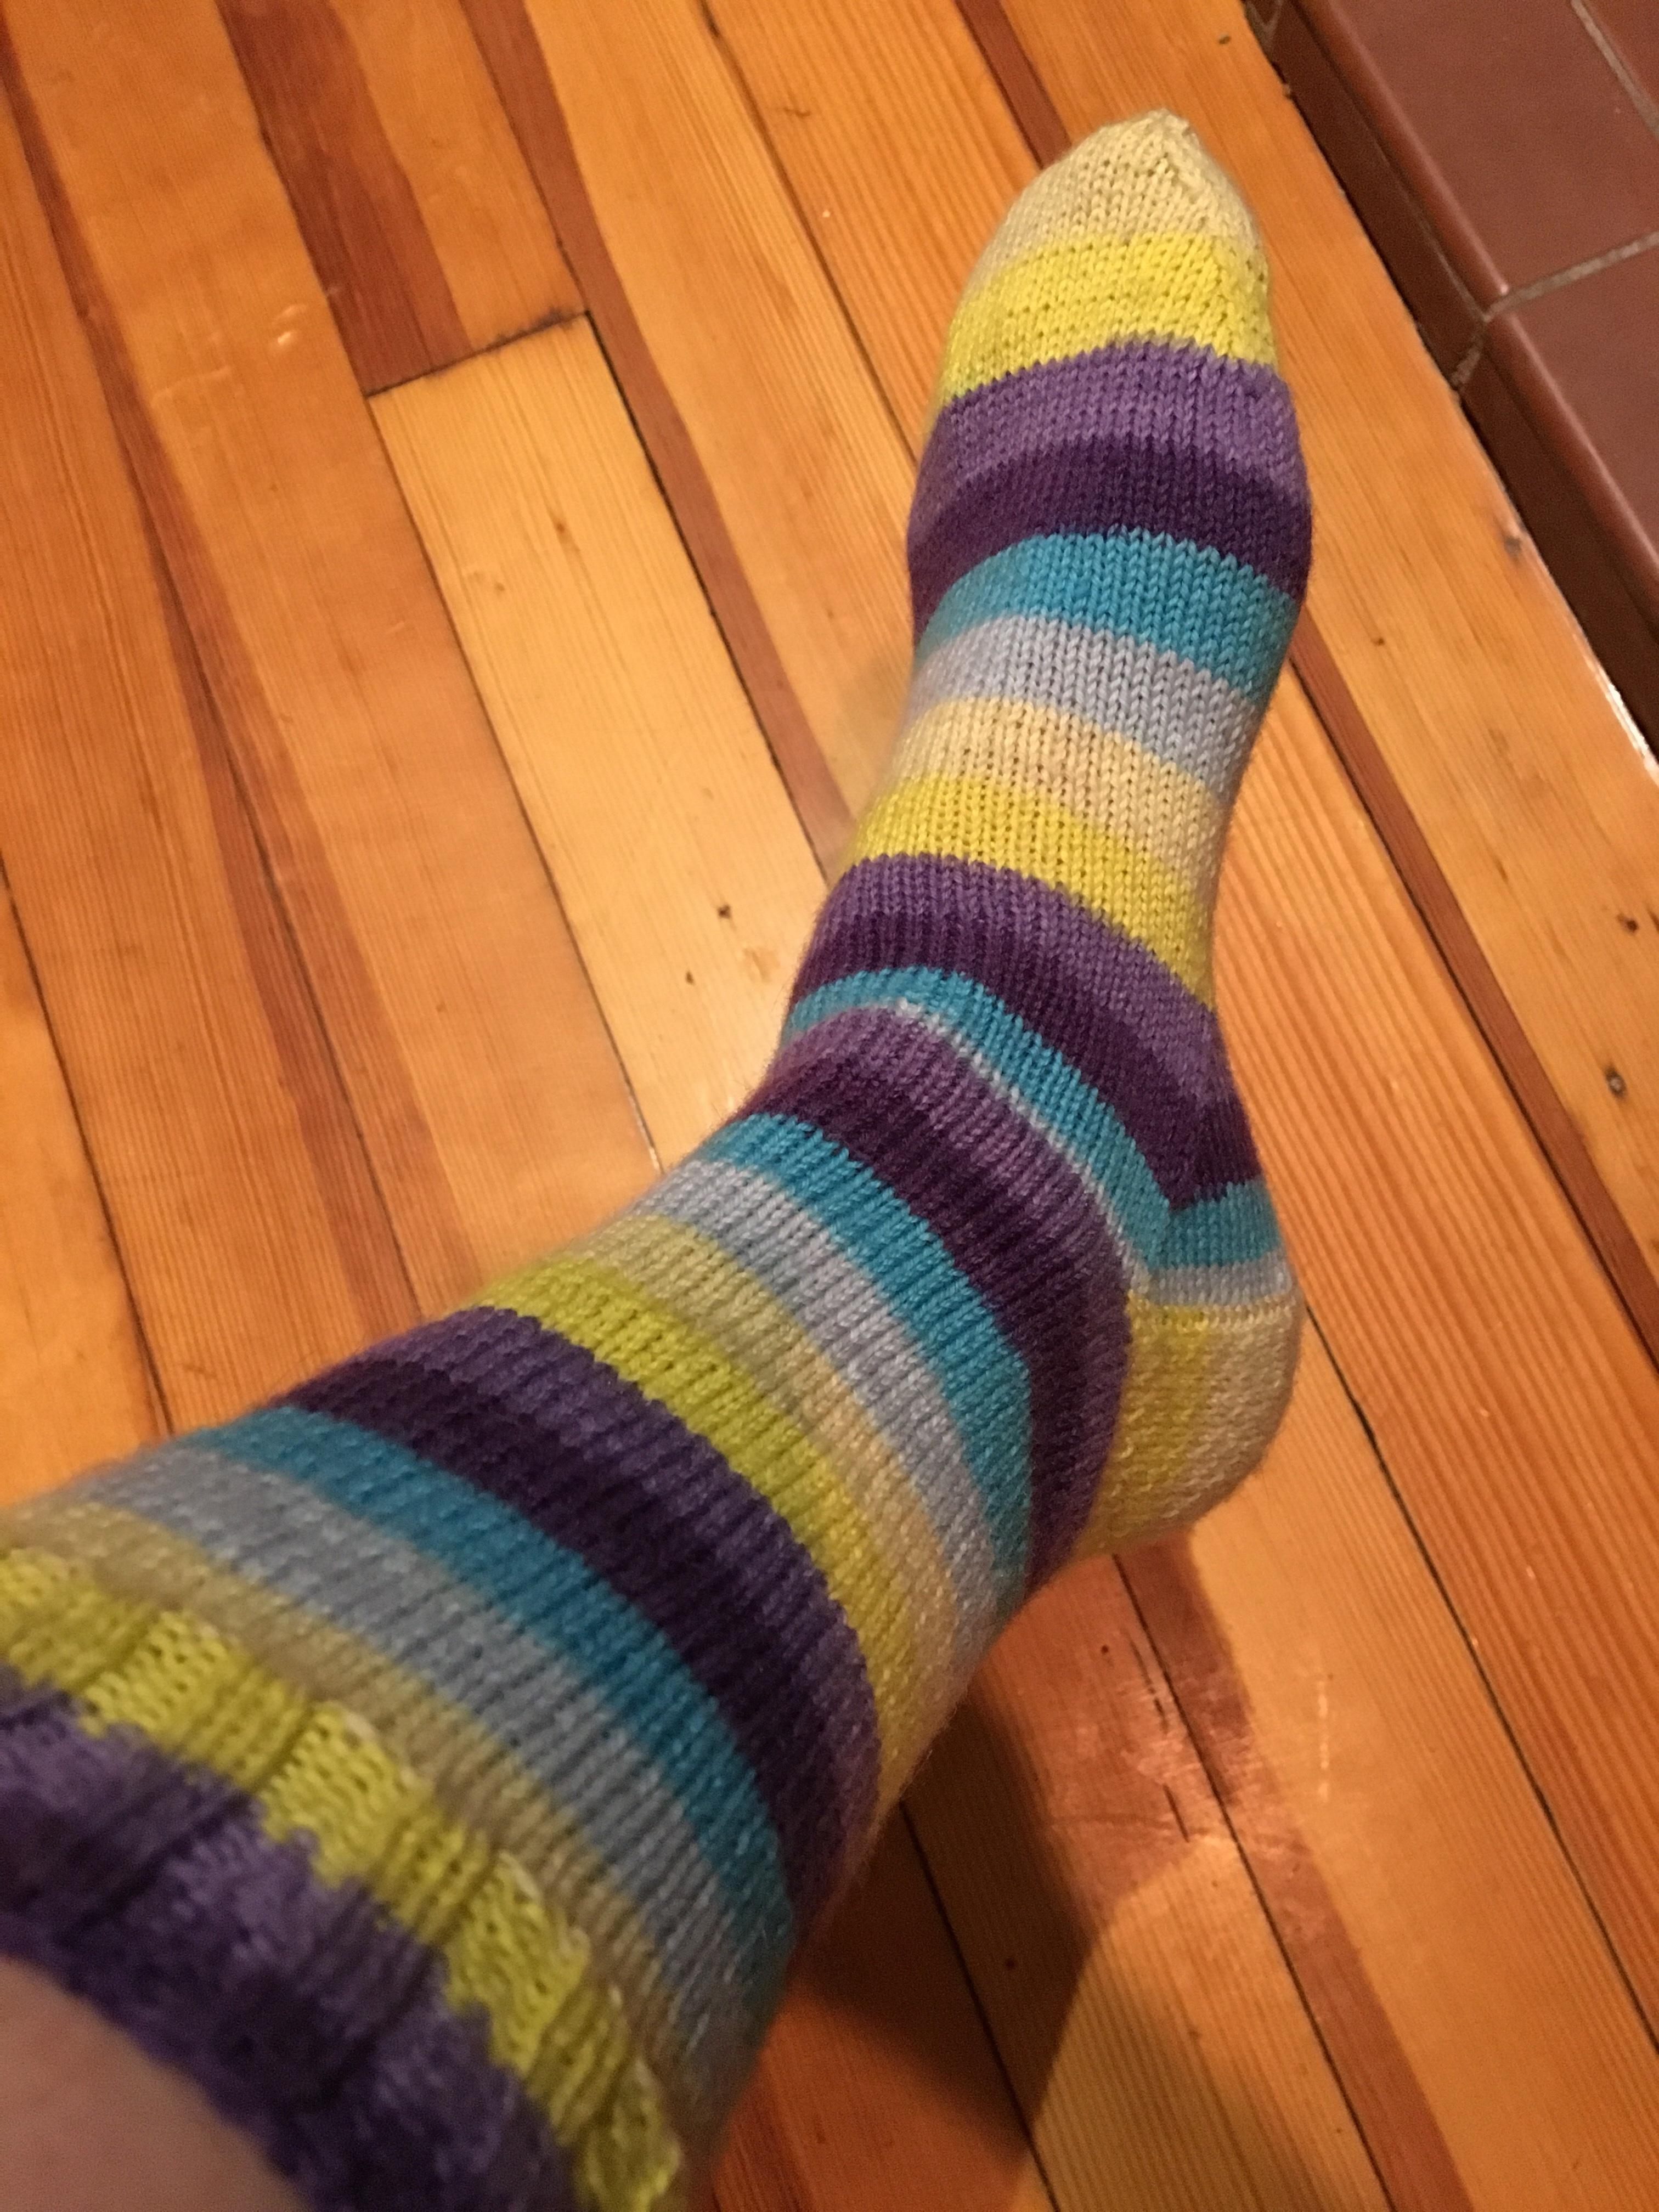 Knit sock on foot